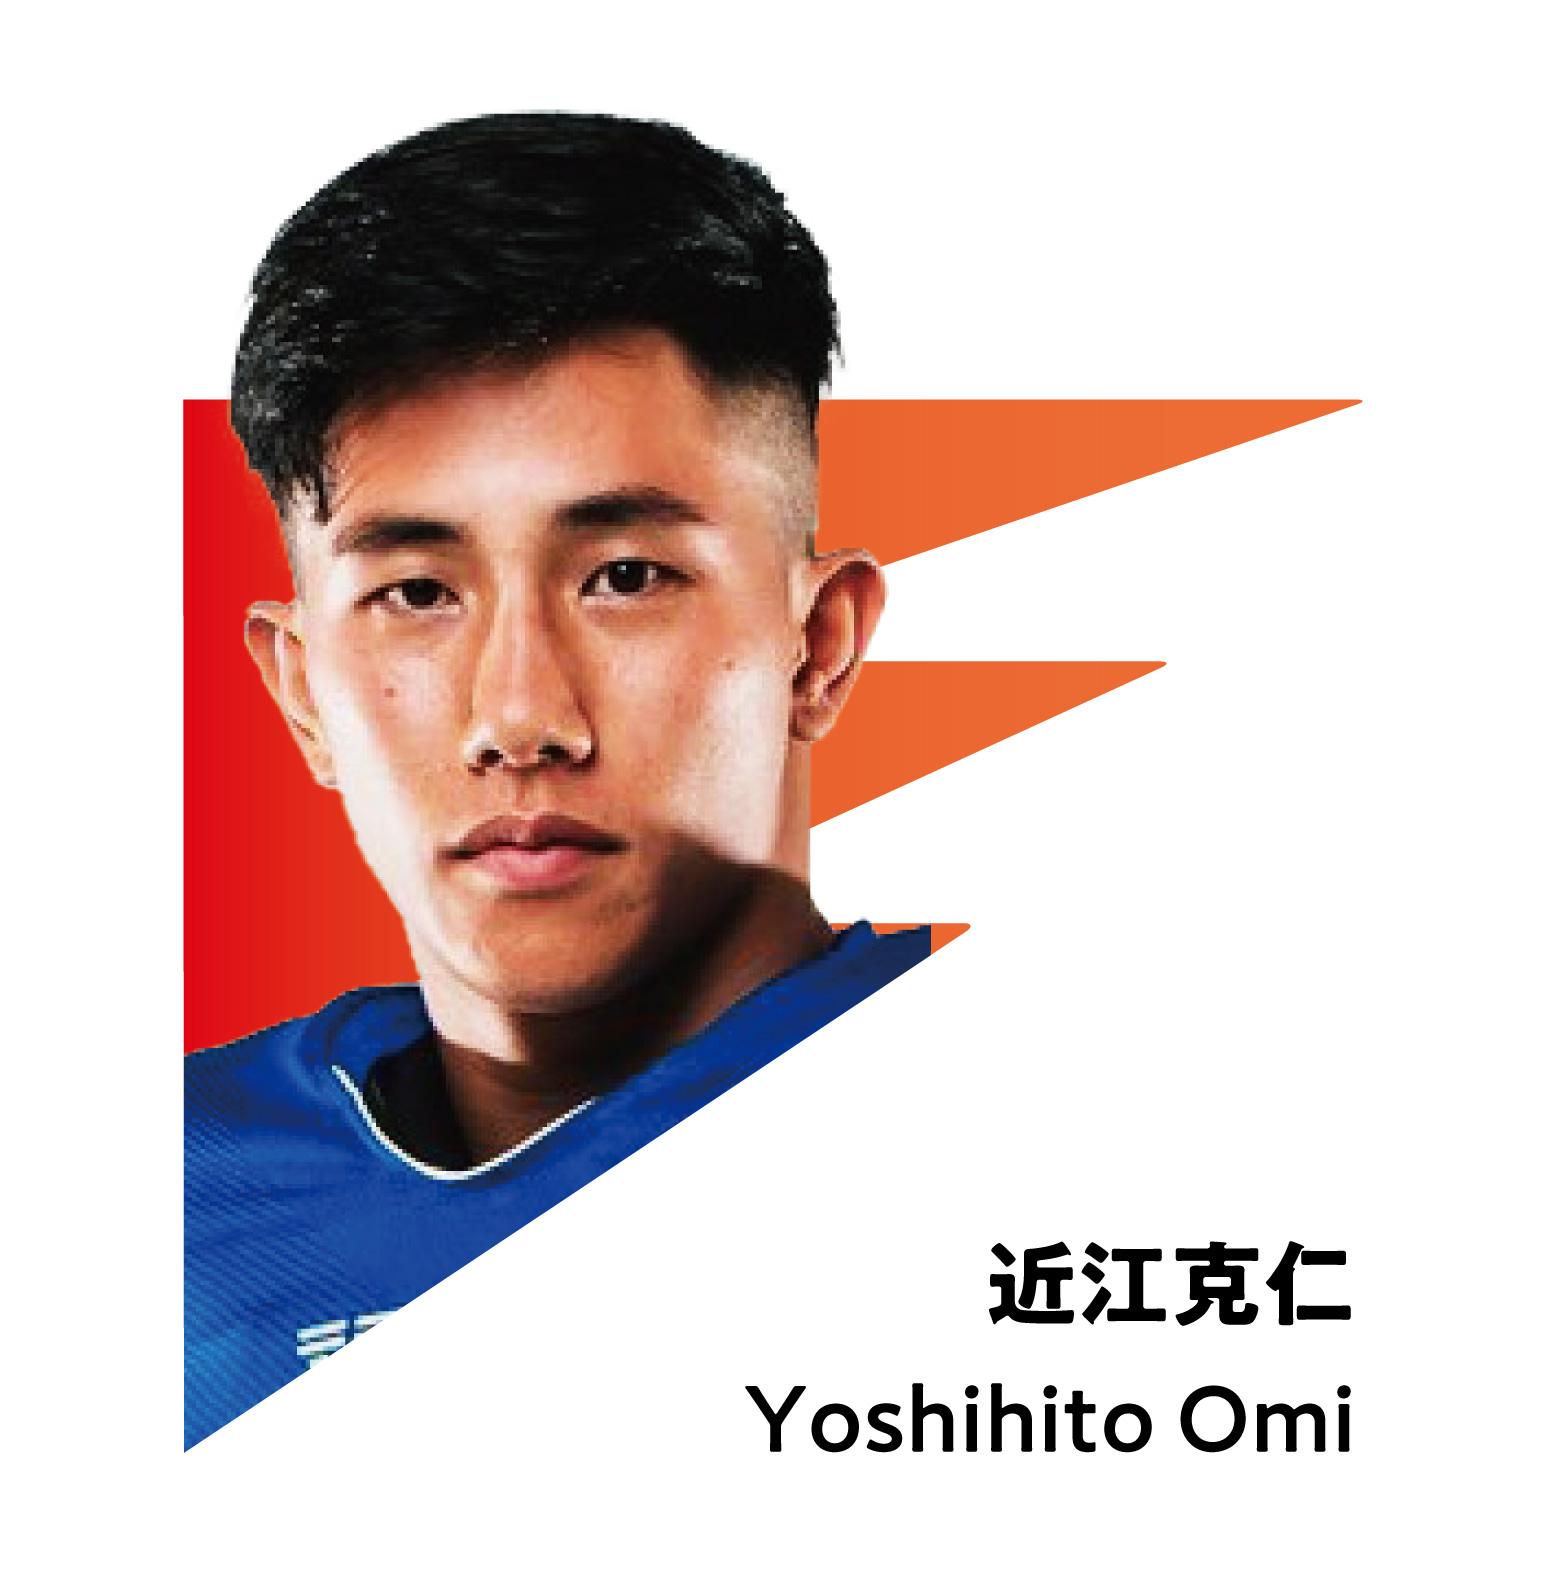 KATSUHITO OMI